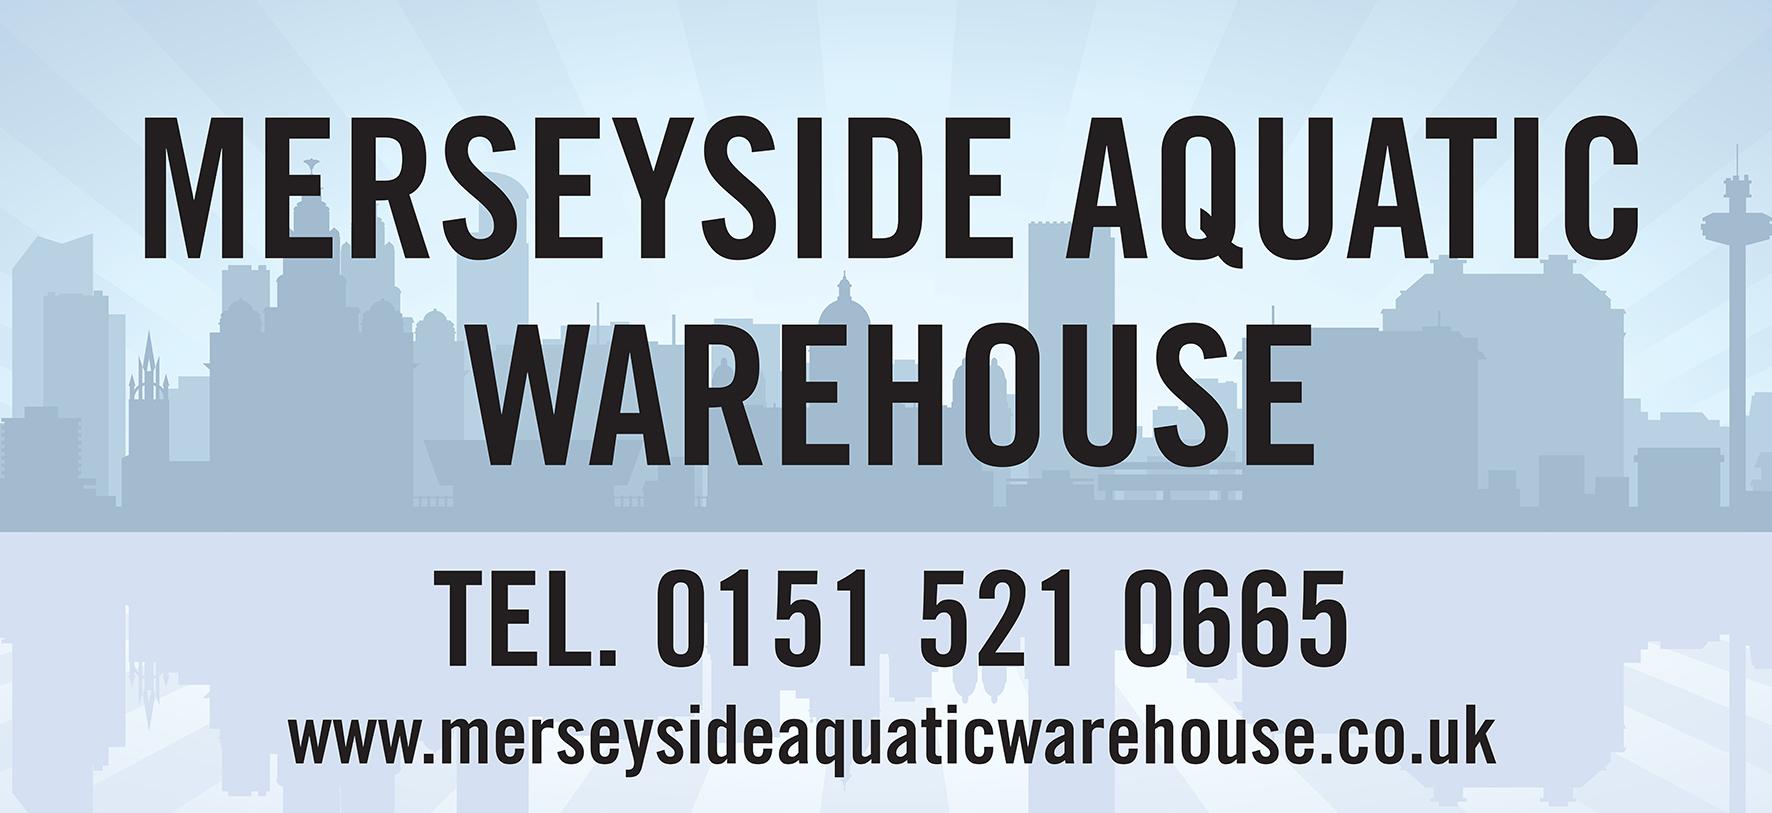 Merseyside Aquatic Warehouse, UK